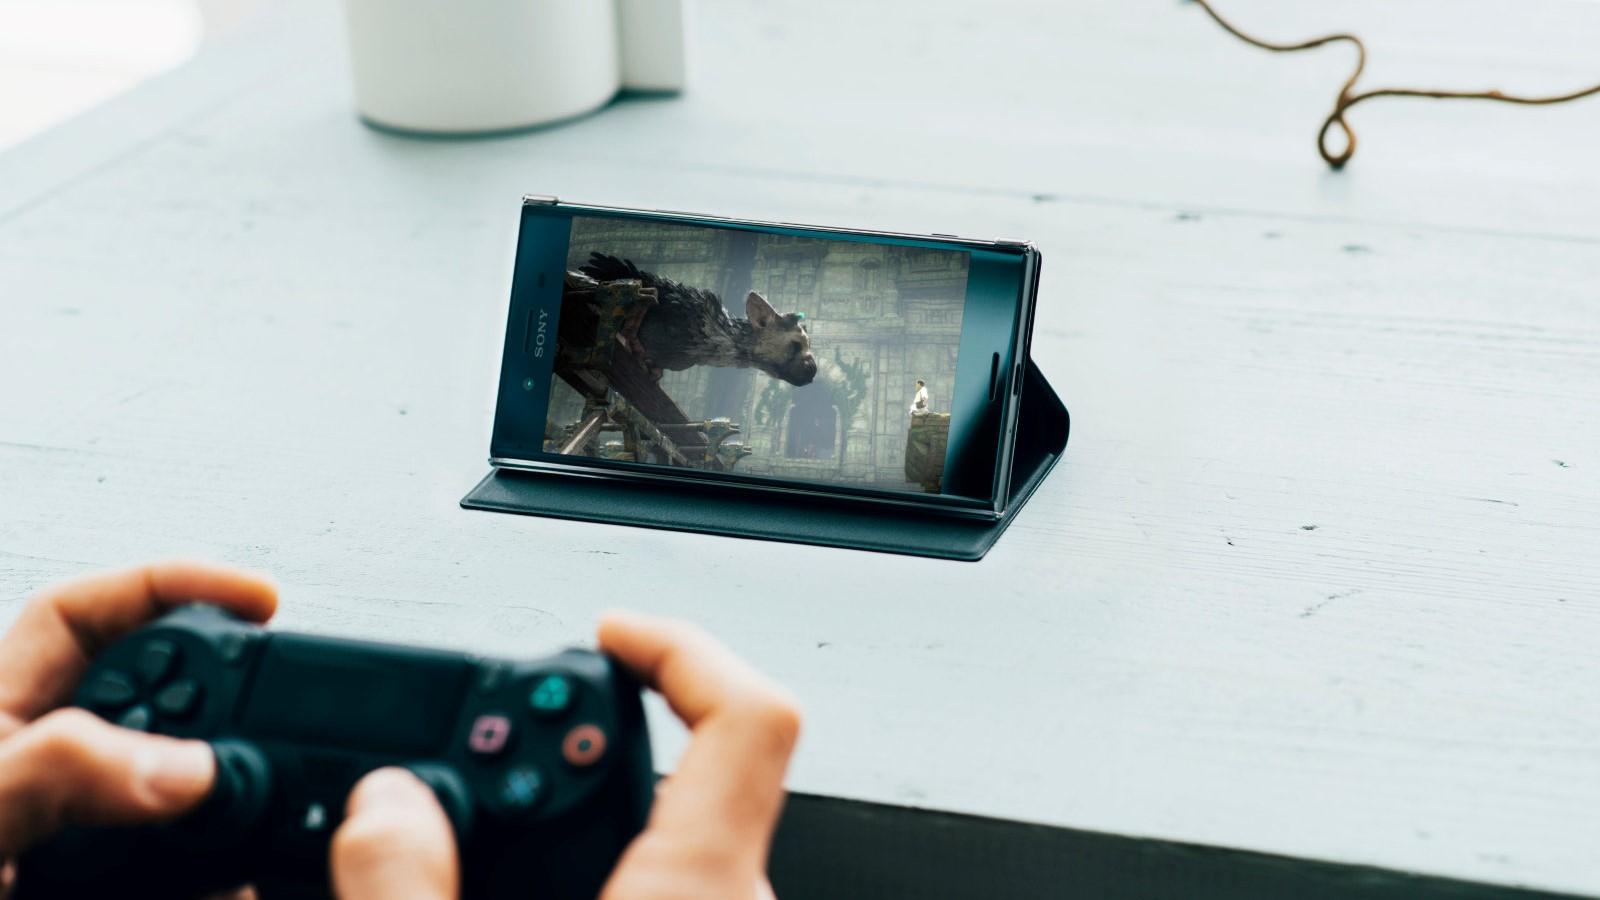 Рис. 4. Использование смартфона в качестве экрана для PS4.